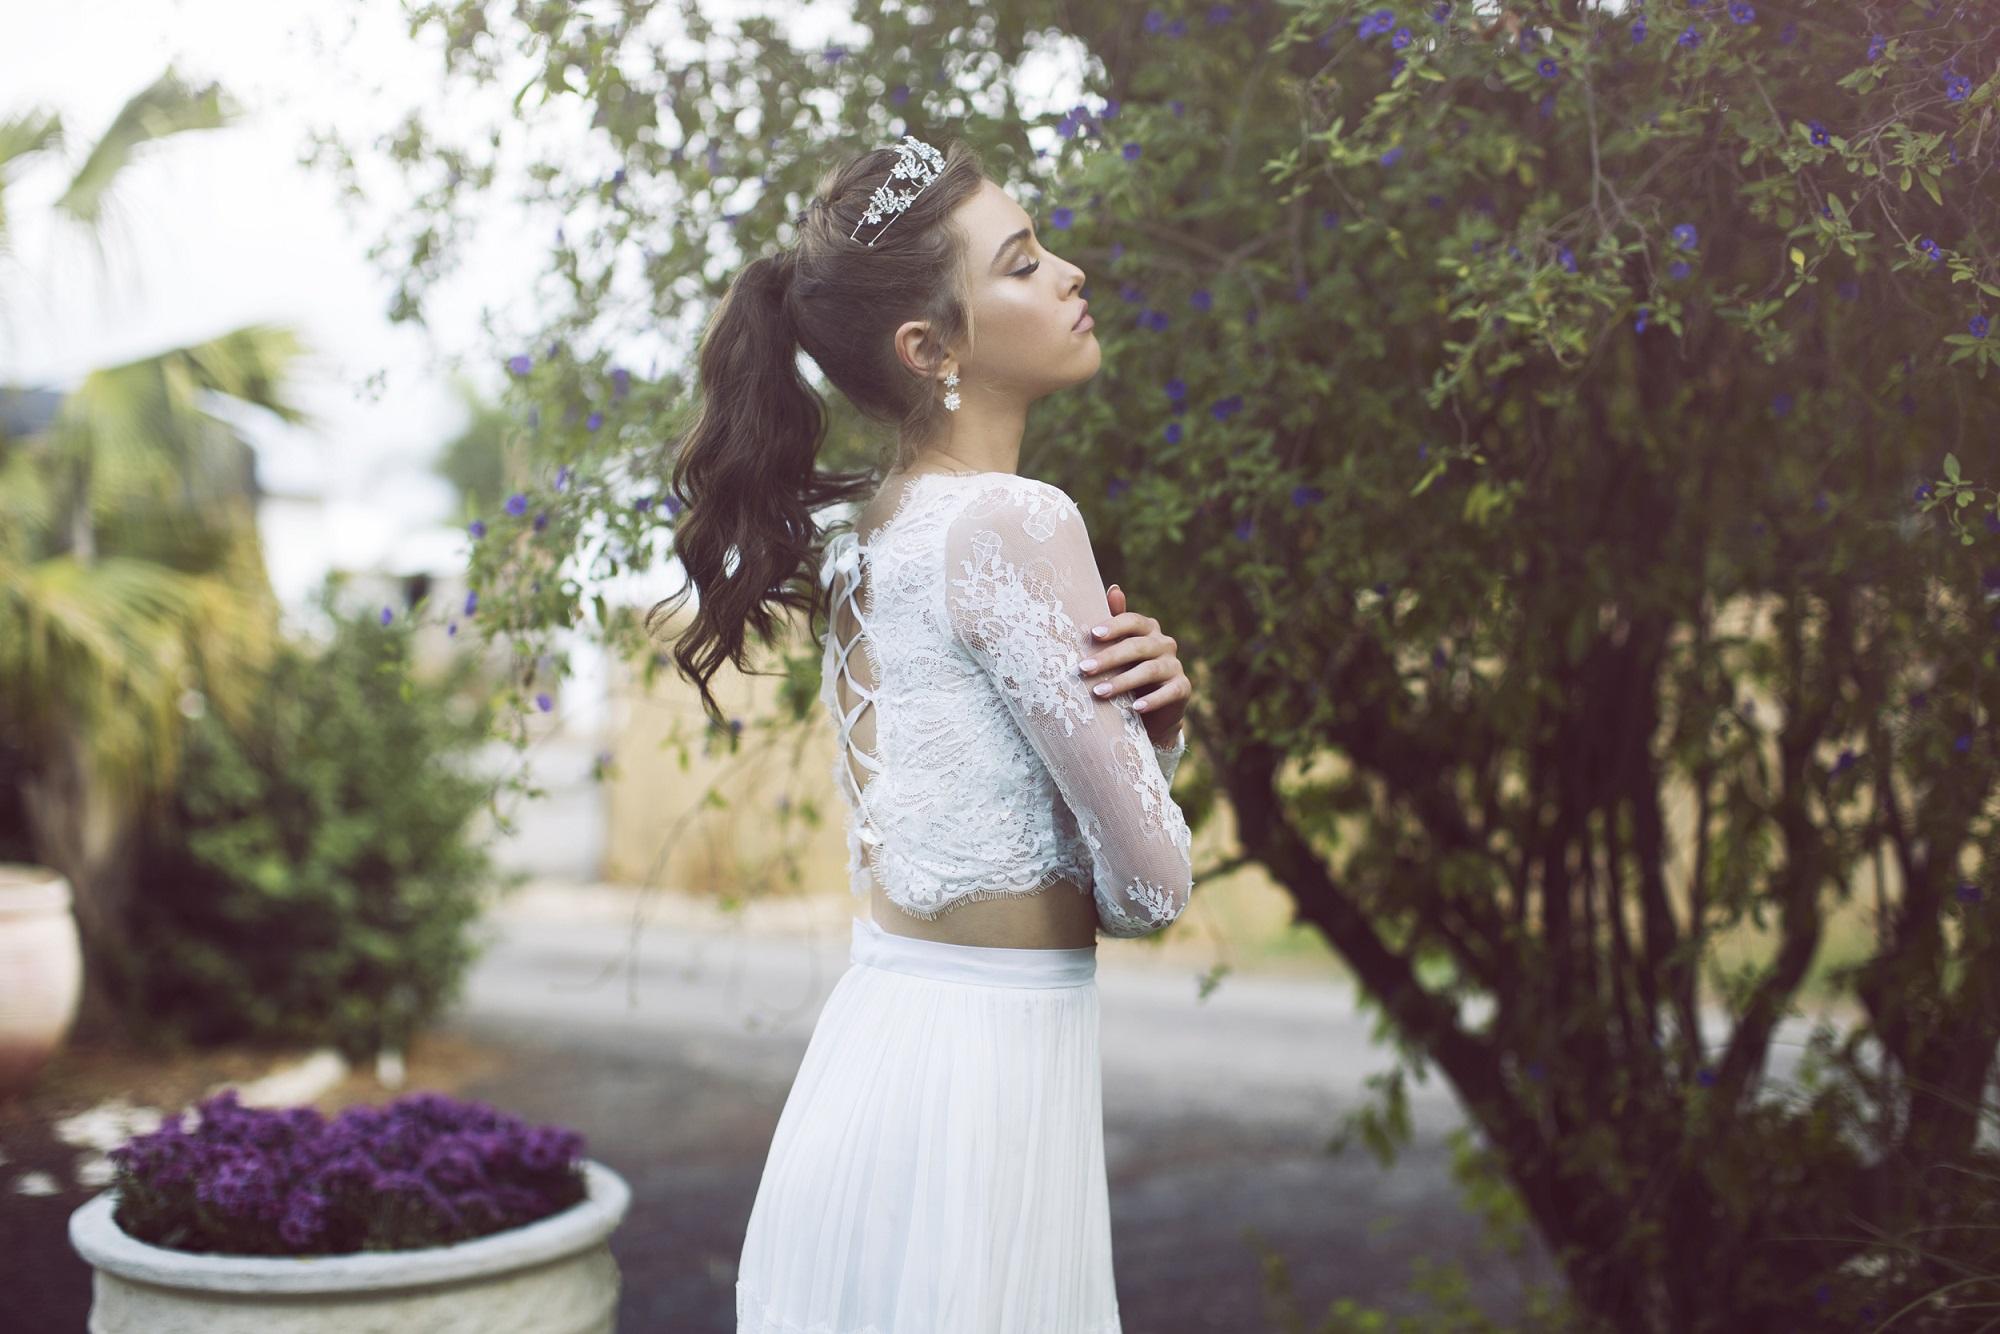 שמלת שני חלקים עם קשירות בגב של המעצבת חן חוה לבלוג כלות עם שיק, צלם רותם ברק